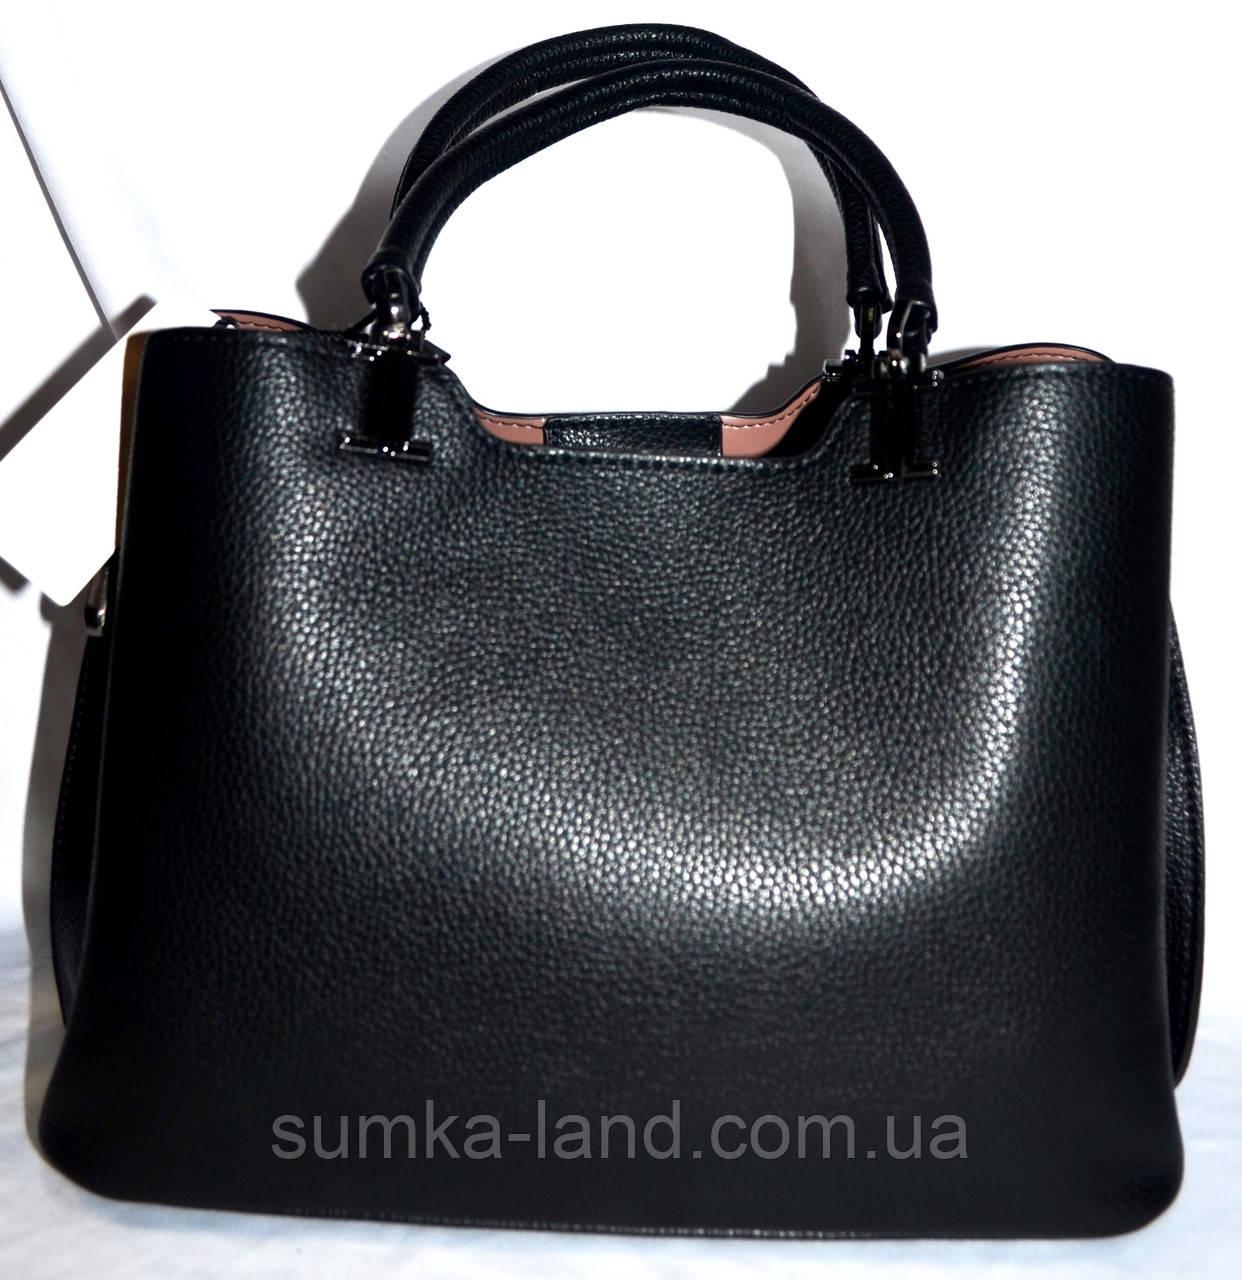 5e4370c624e1 Женская сумка Prada класса Люкс с длинным ремешком на плечо 31*23 см, цена  514 грн., купить в Харькове — Prom.ua (ID#750977442)